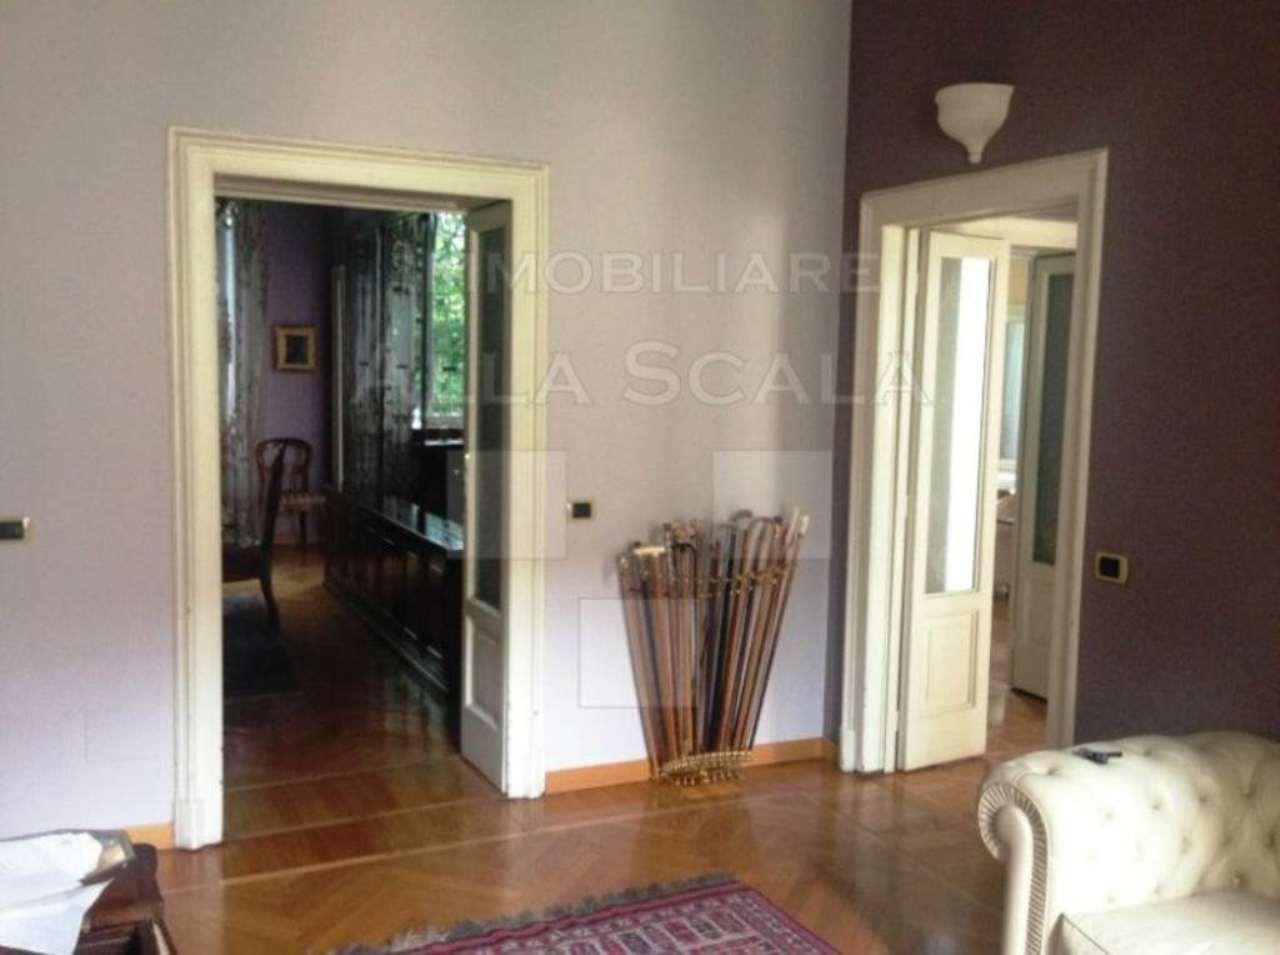 Appartamento in affitto a Milano, 5 locali, zona Zona: 1 . Centro Storico, Duomo, Brera, Cadorna, Cattolica, prezzo € 3.500   Cambio Casa.it